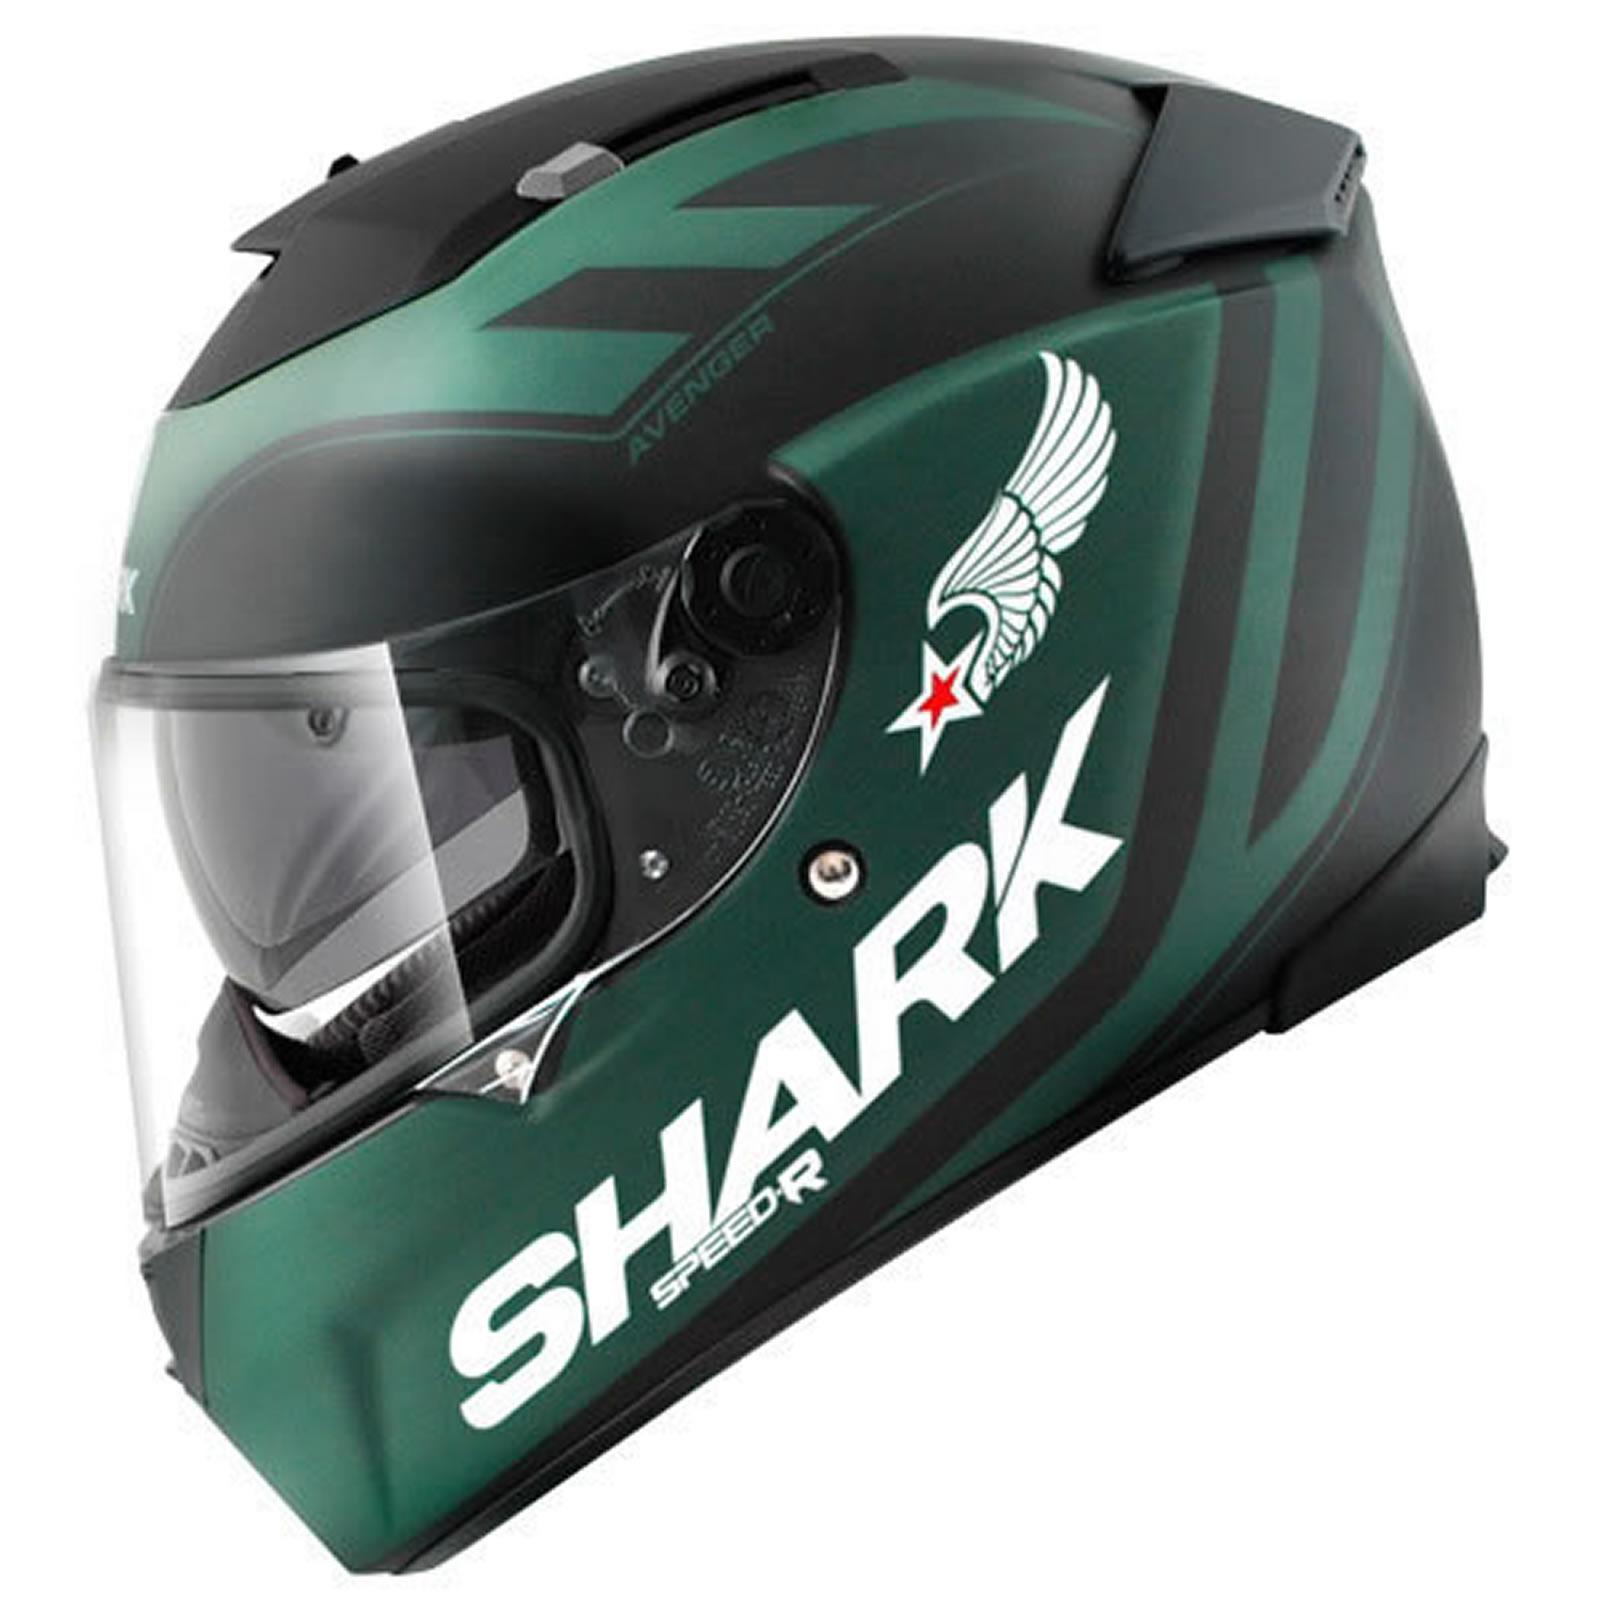 Shark speed r avenger matt casque moto scooter sport - Casque moto course ...